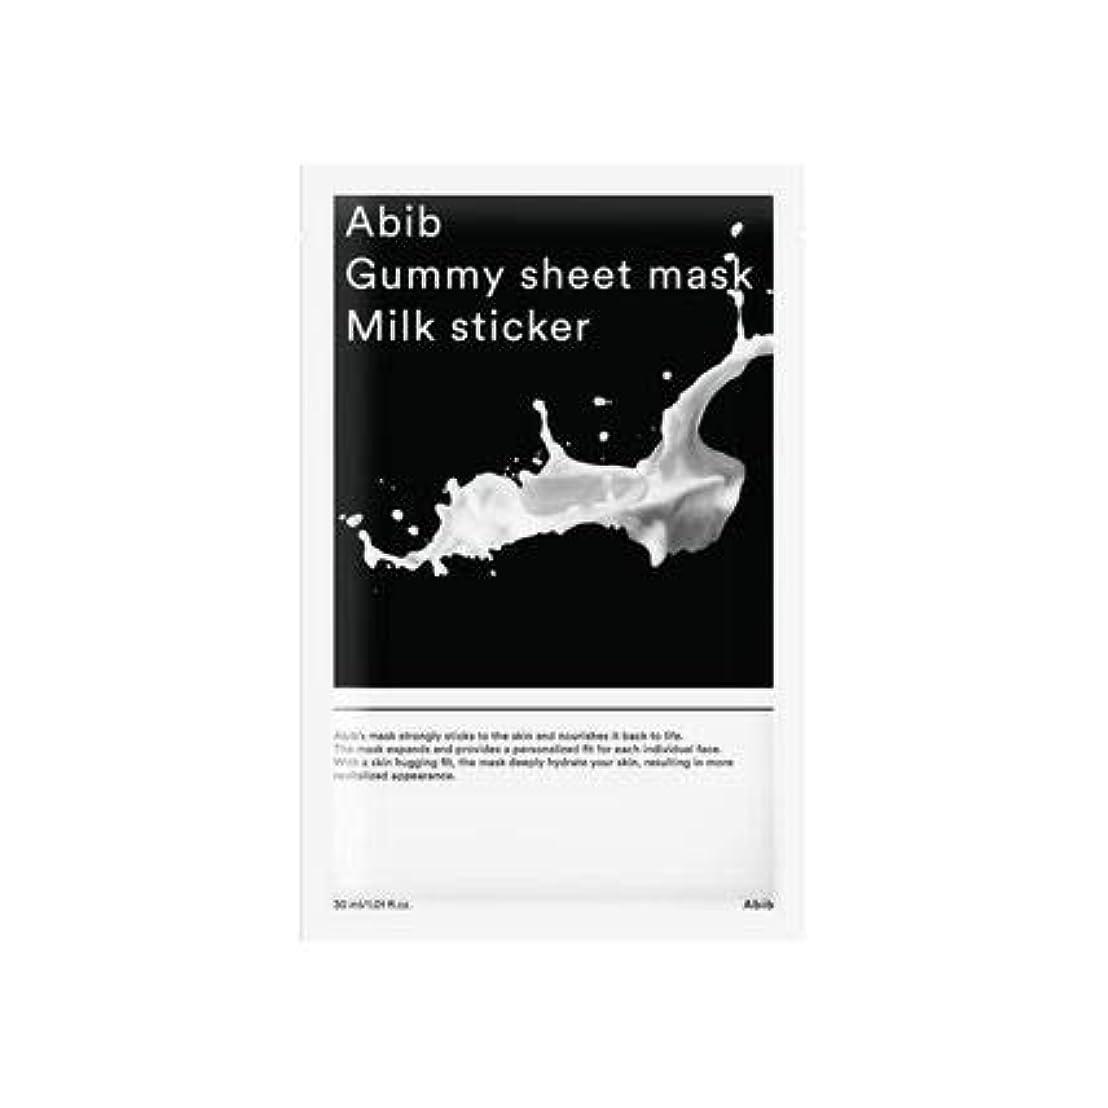 評決シャンプー理想的[Abib] アイブガムのくるみシートマスクミルクステッカー 30mlx10枚 / ABIB GUMMY SHEET MASK MILK STICKER 30mlx10EA [並行輸入品]